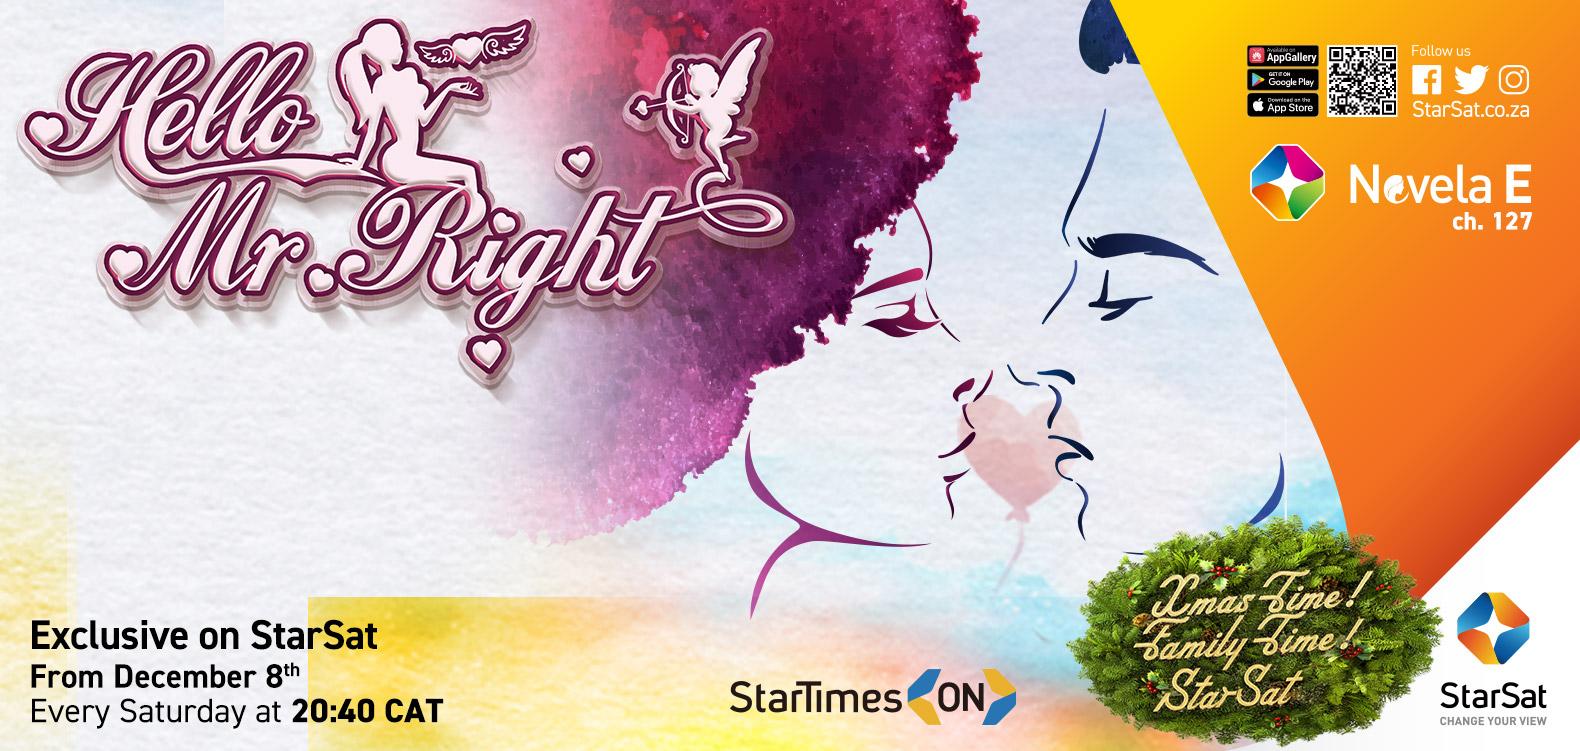 Mr Right on ST Novela E on StarSat